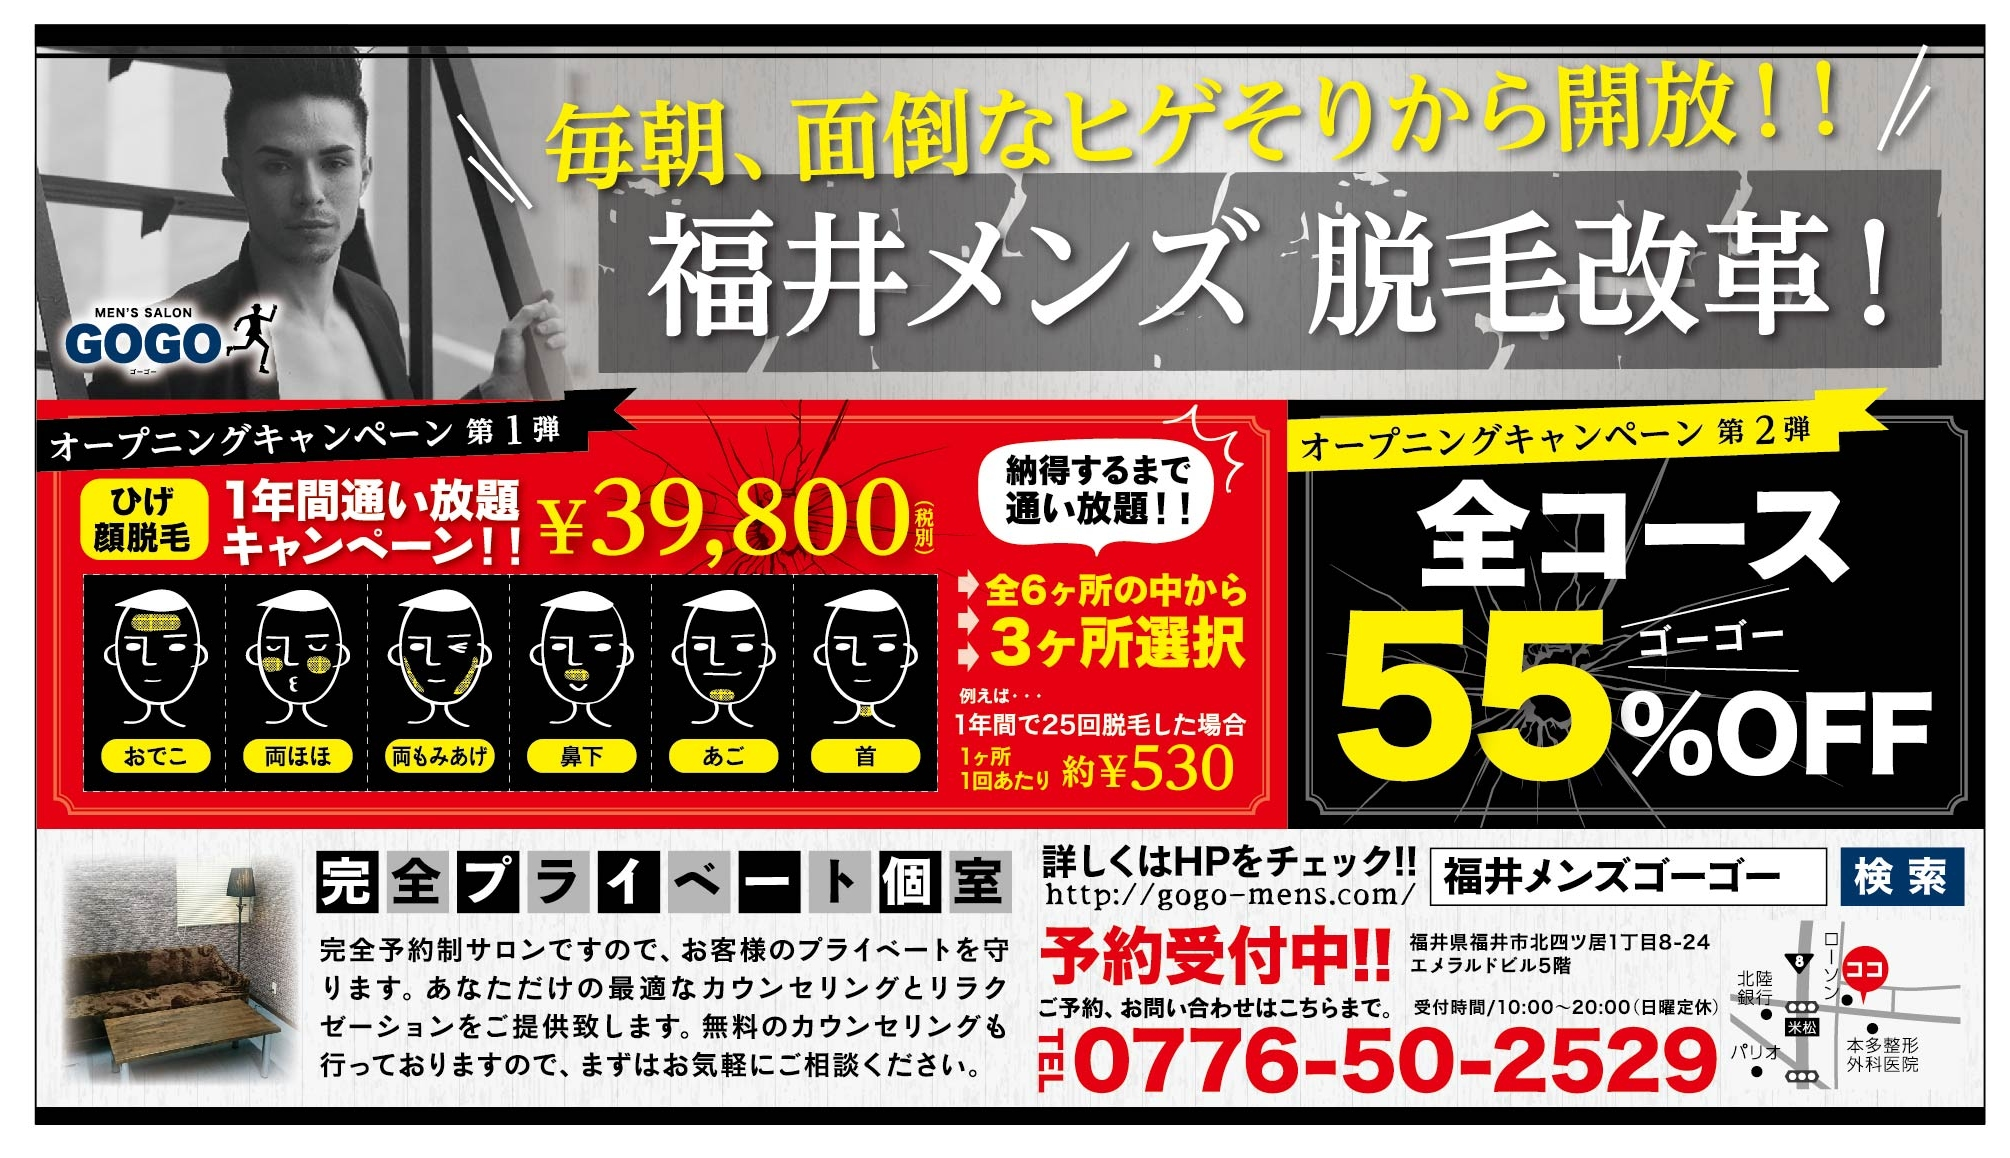 福井メンズ脱毛改革!毎朝面倒なヒゲそりから解放!